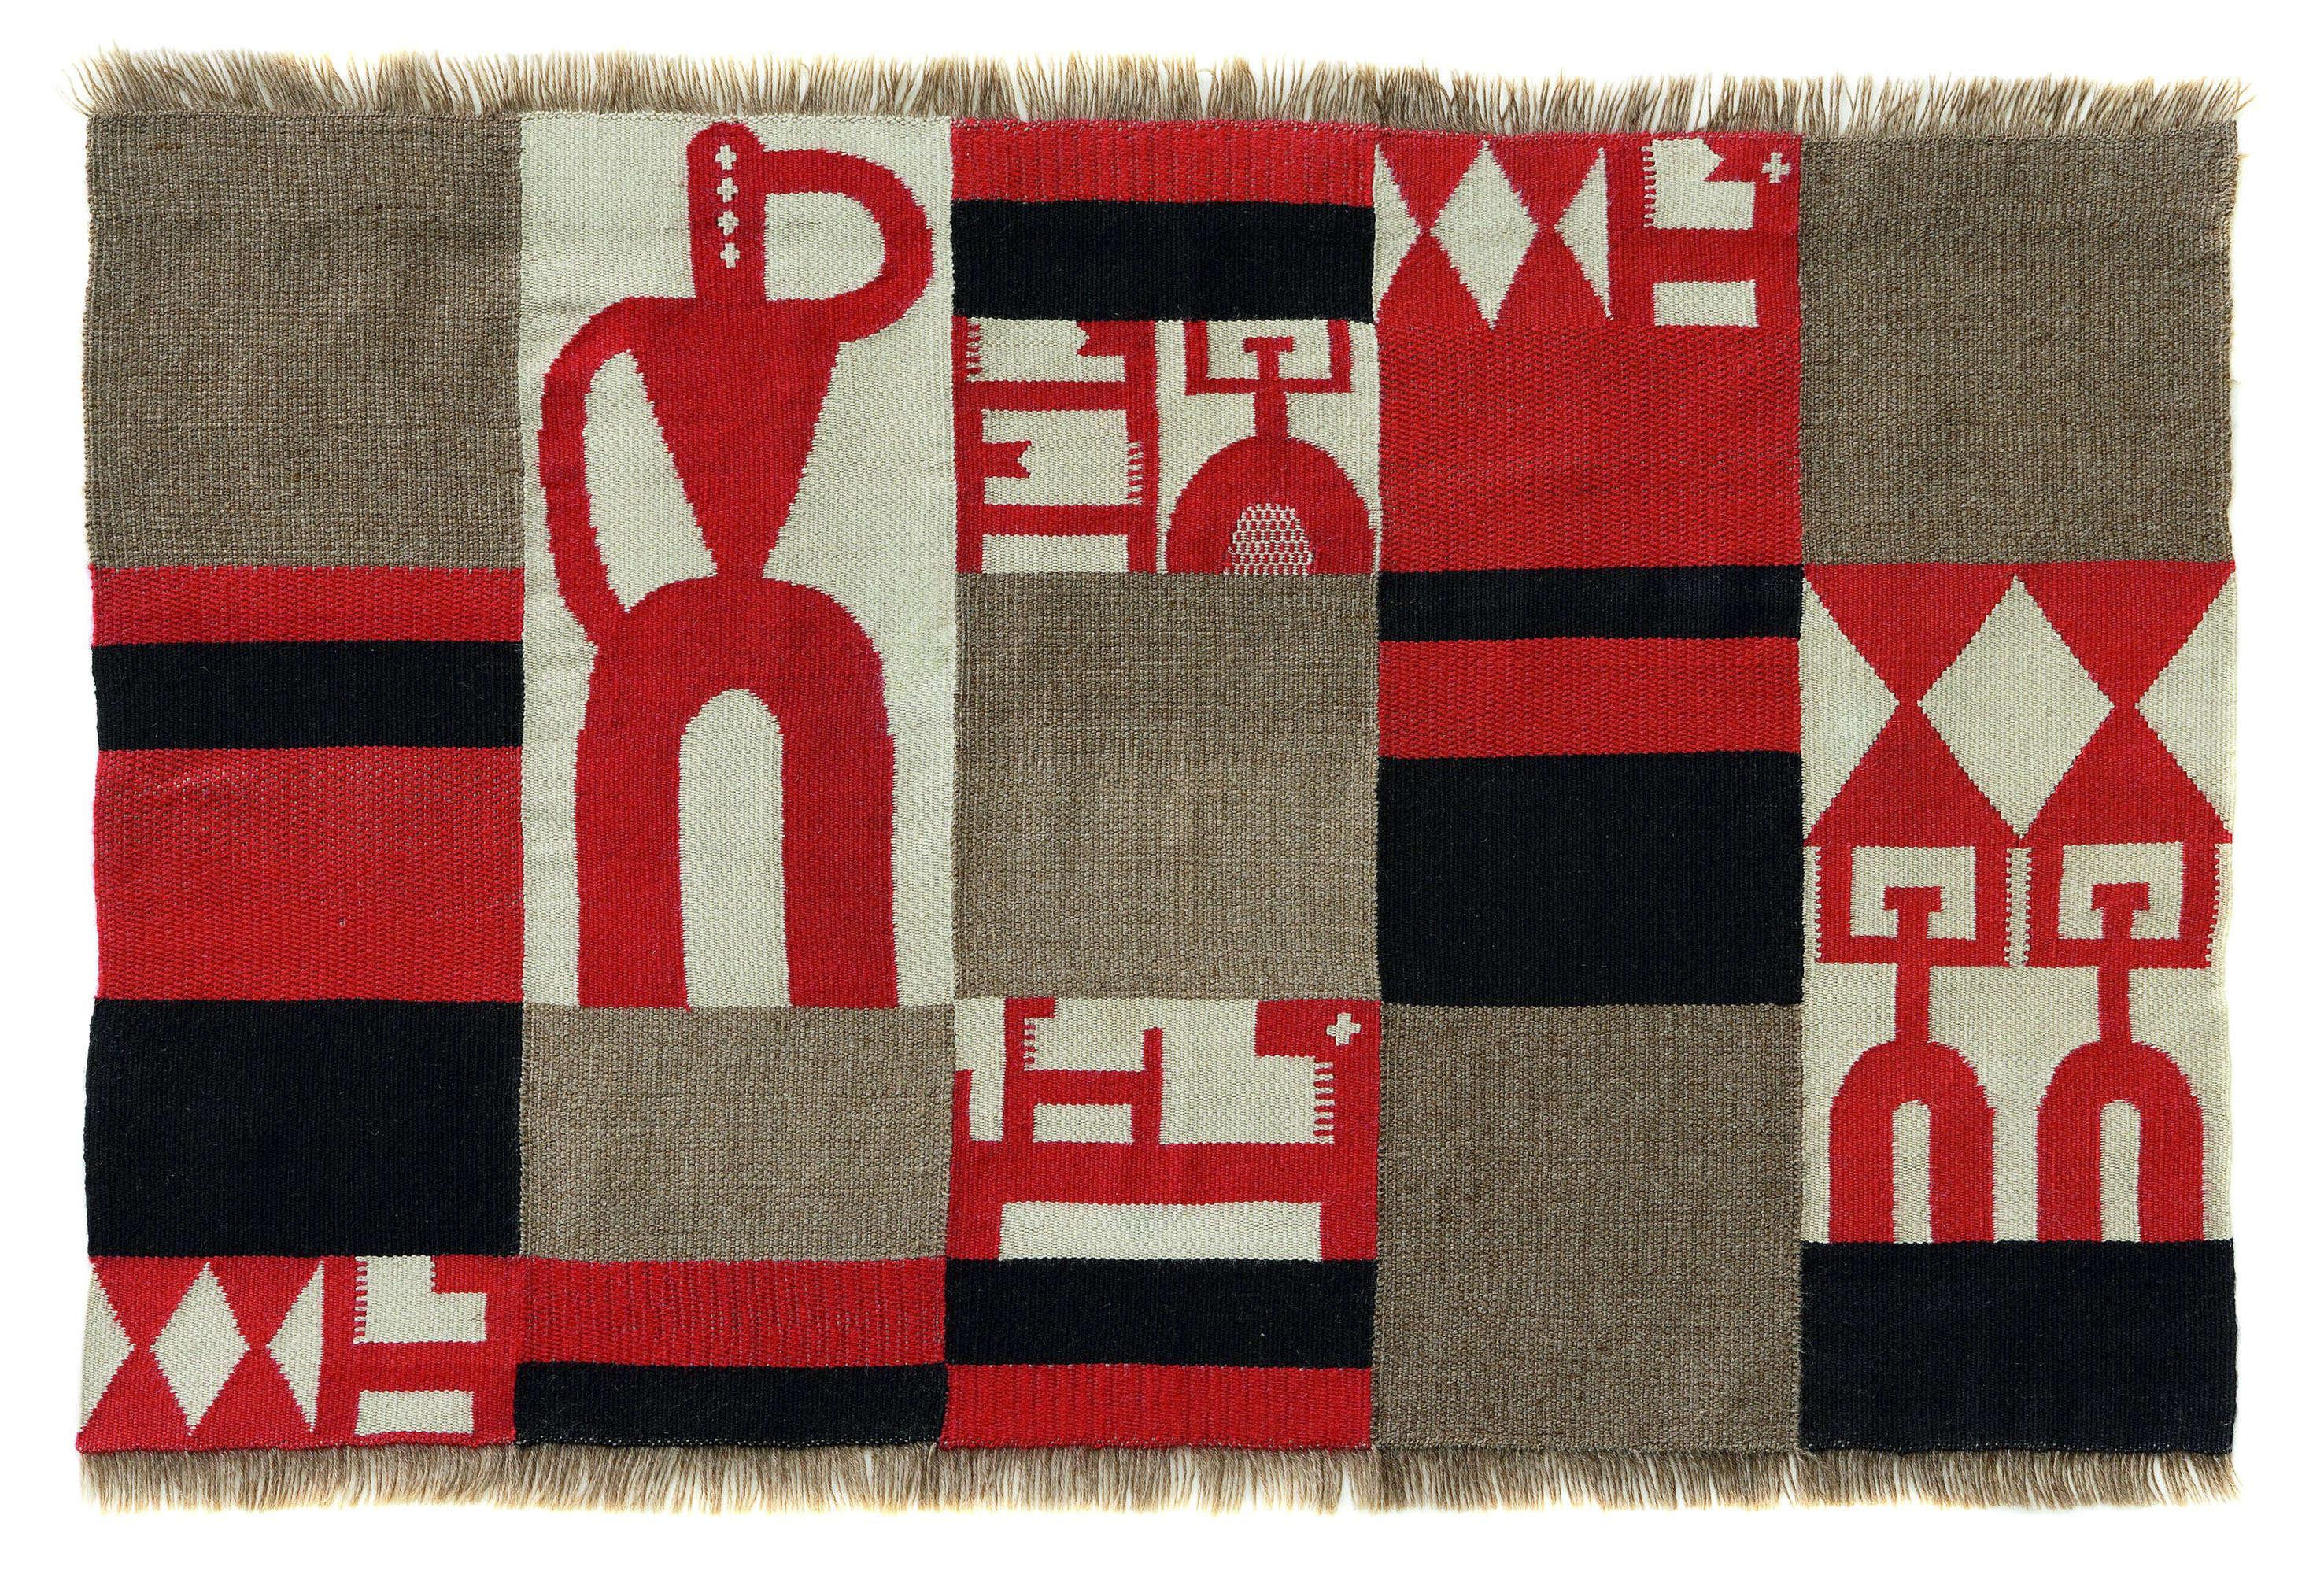 Jean Arp et Sophie Taueber, sa compagne, réalisent ensemble de nombreuses oeuvres qui tendent vers l'abstraction : des aquarelles aux assemblages, en passant comme ici par la tapisserie et la broderie, ils se réfèrent à des sources extra-occidentales.